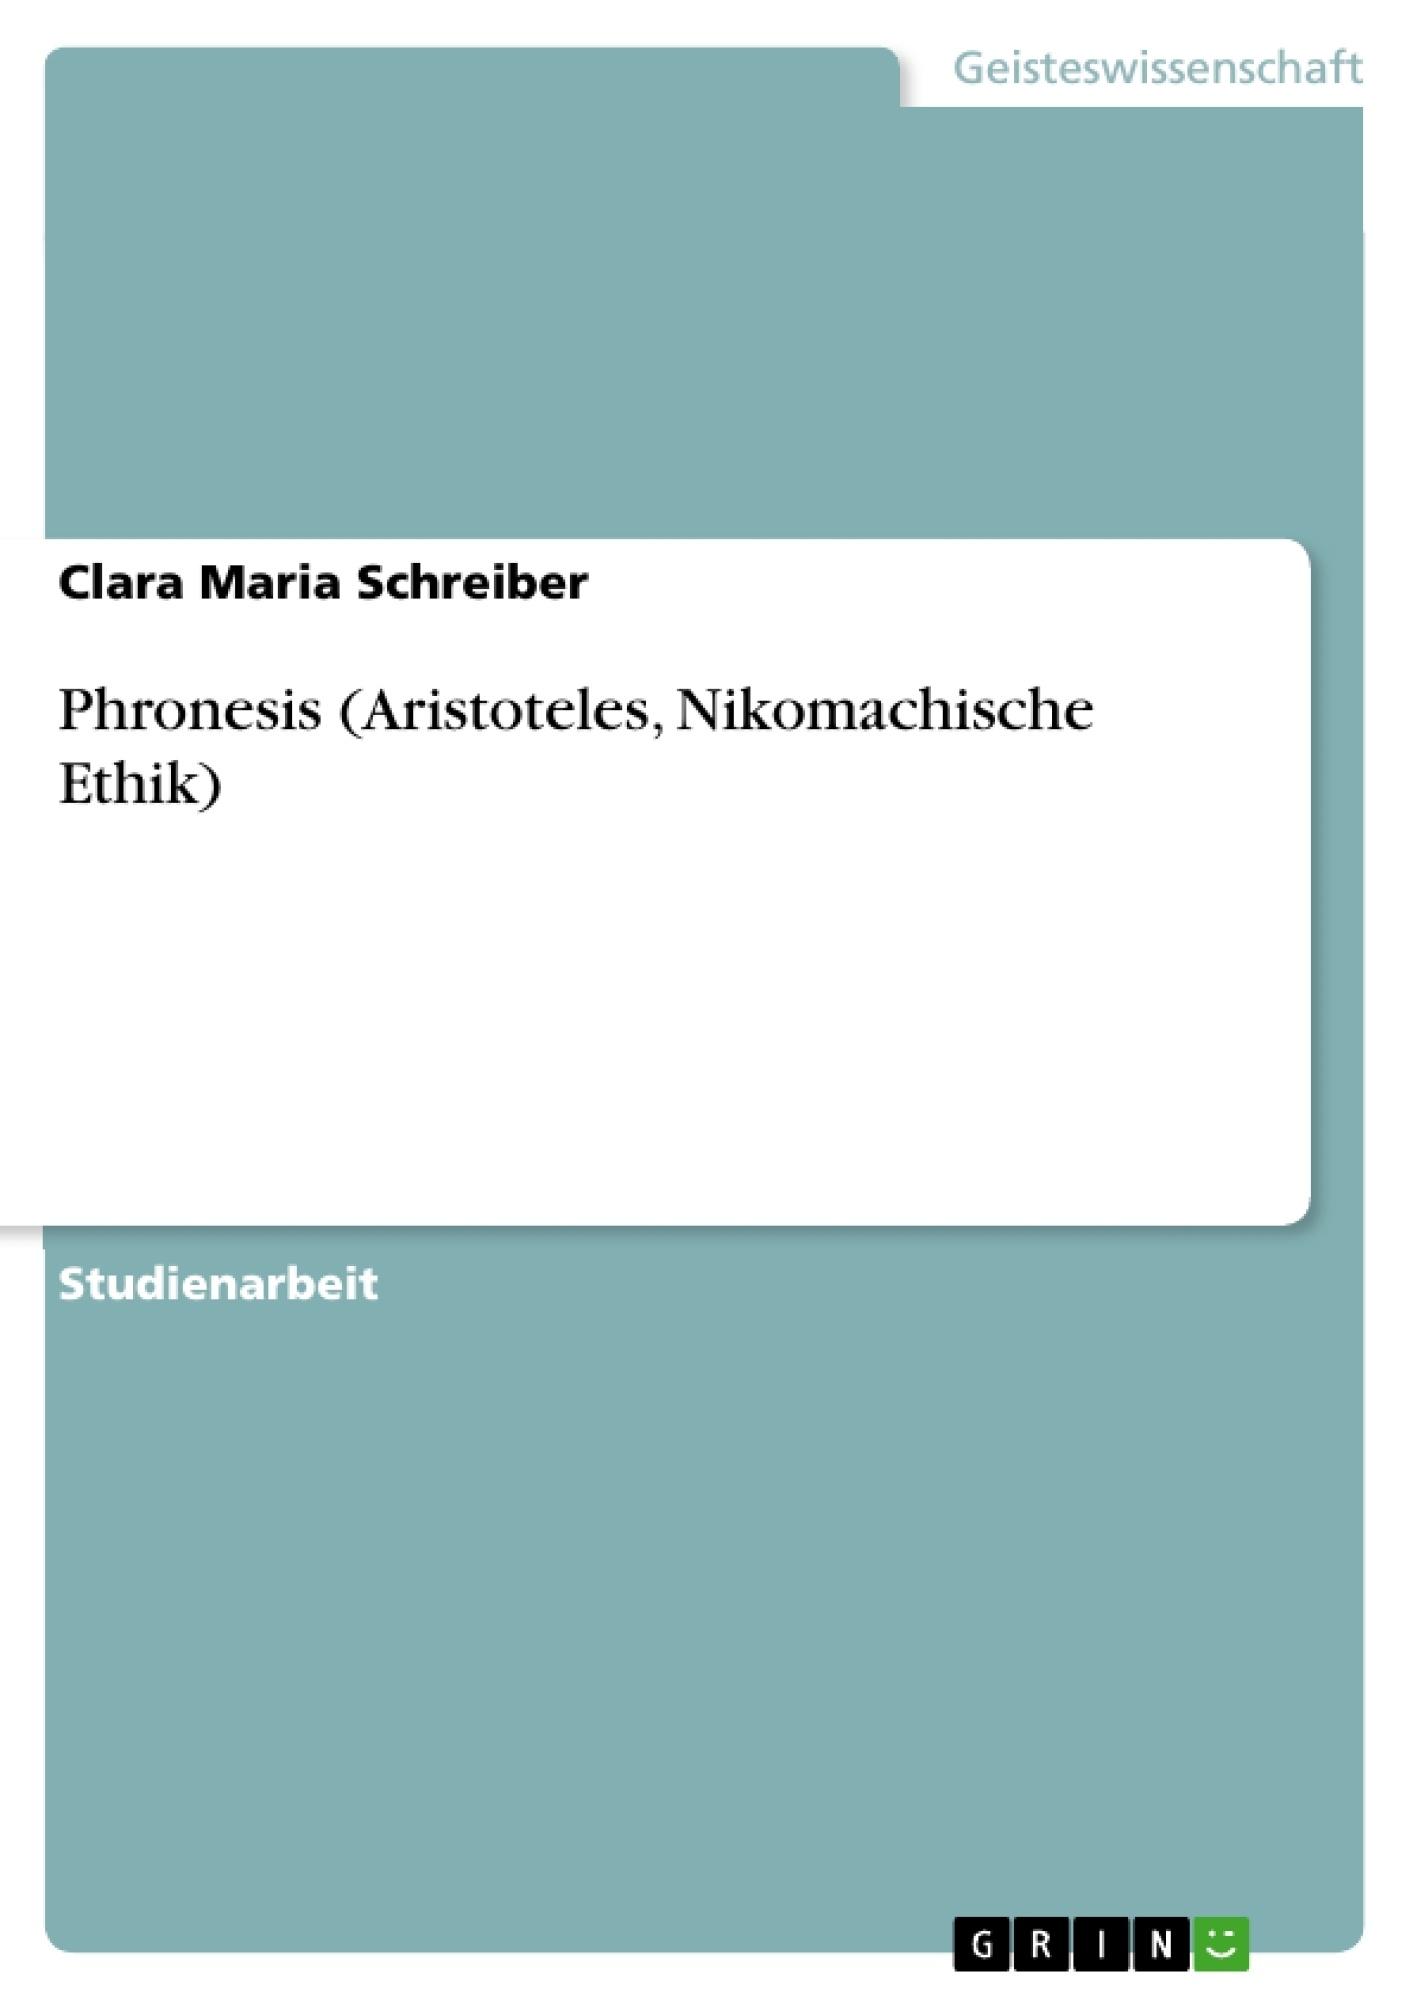 Titel: Phronesis (Aristoteles, Nikomachische Ethik)